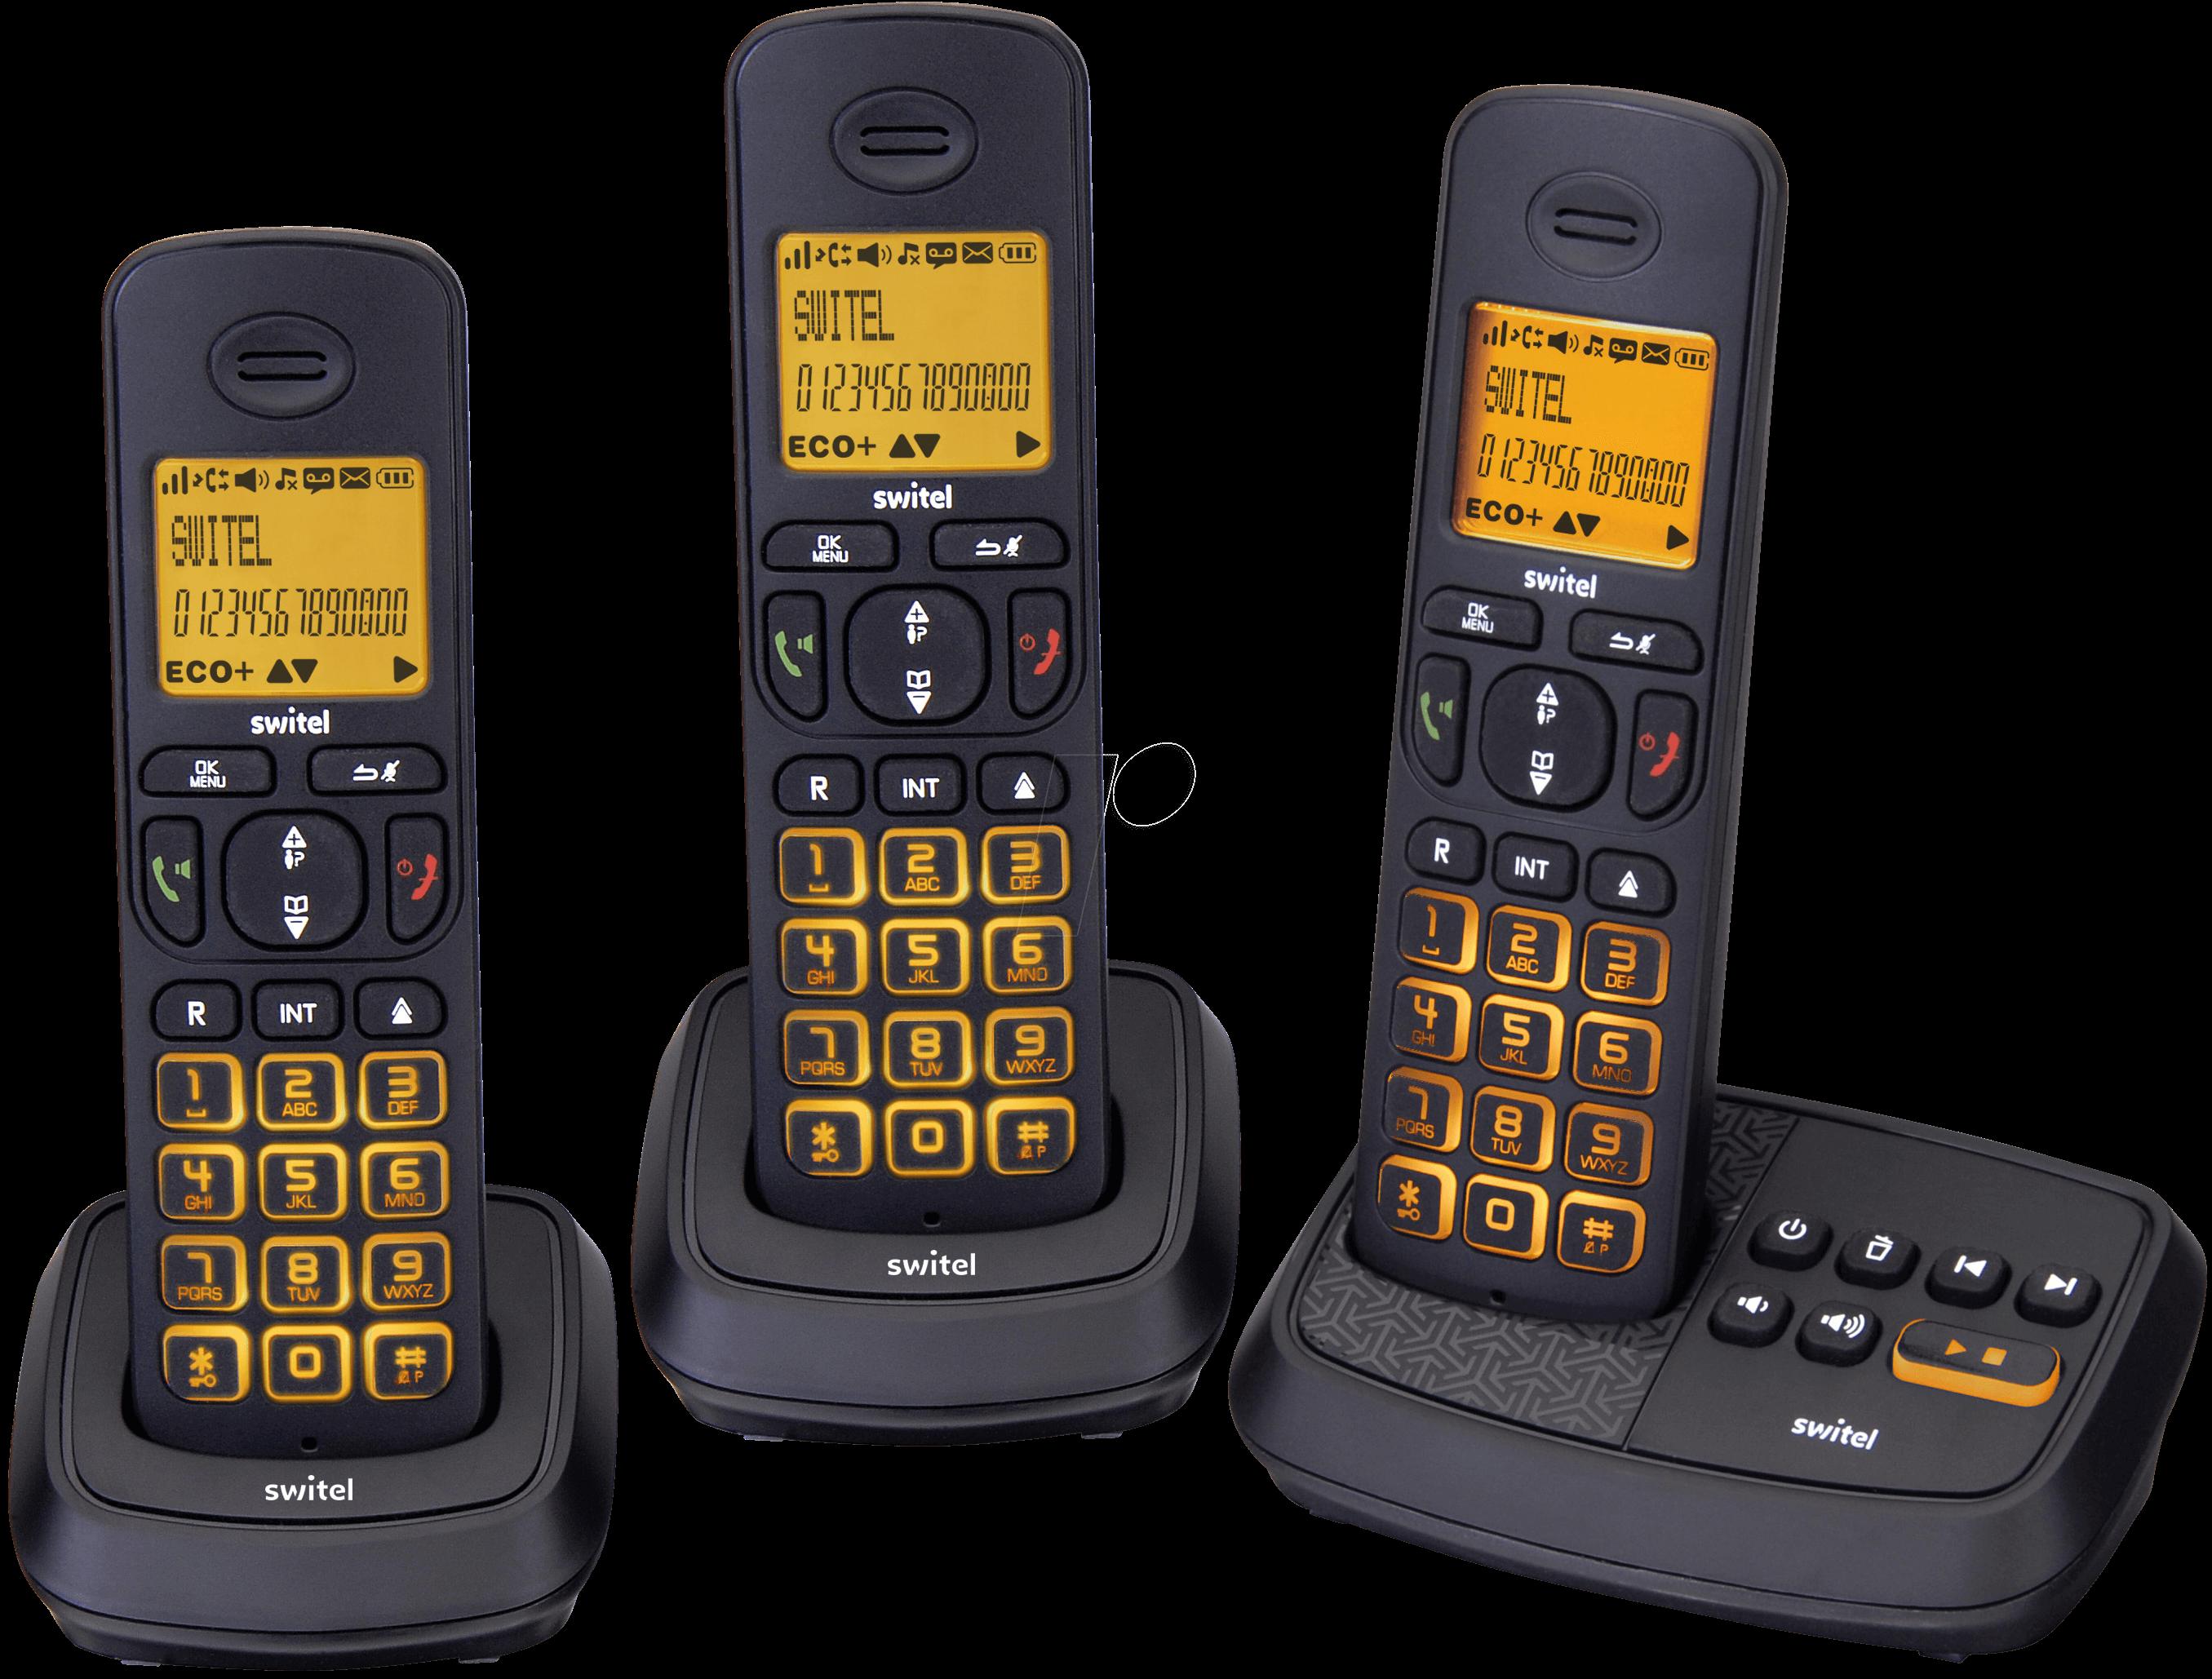 SWITEL DCT59073W - DECT Telefon, 3 Mobilteil mit Ladeschale, AB, schwarz